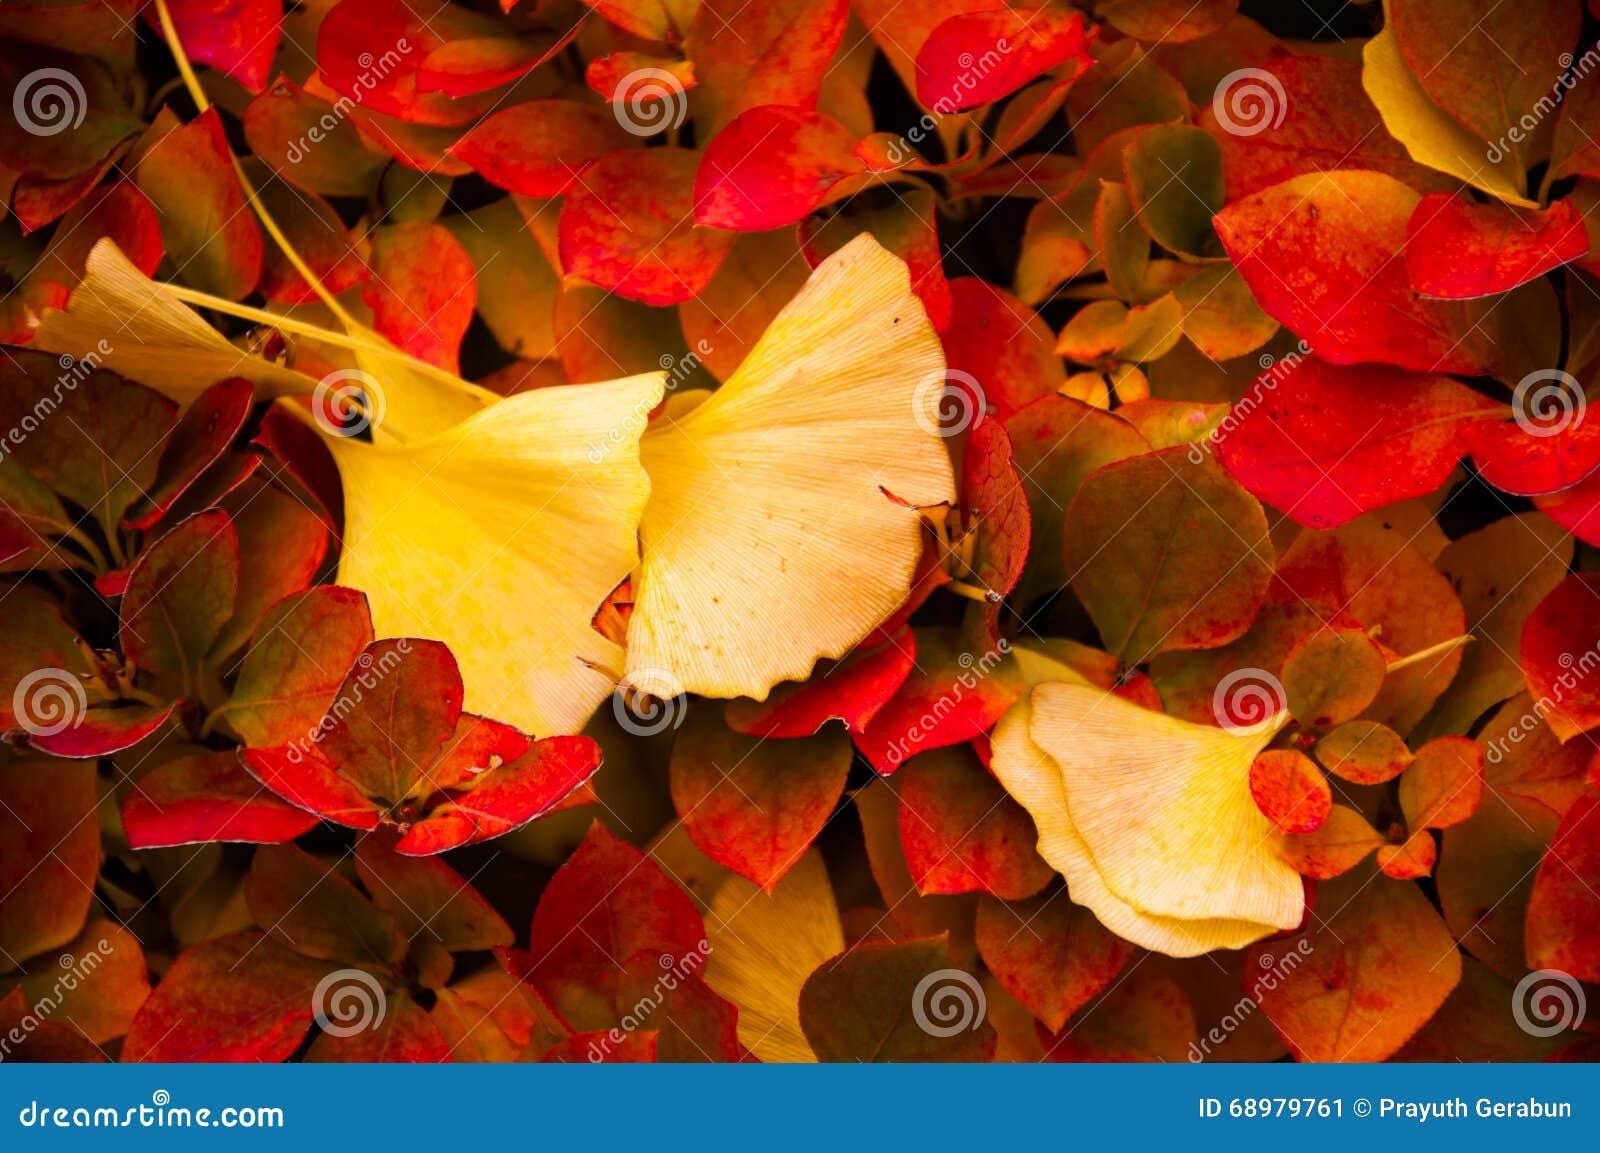 Las hojas amarillas del ginkgo cayeron encima de las hojas rojas